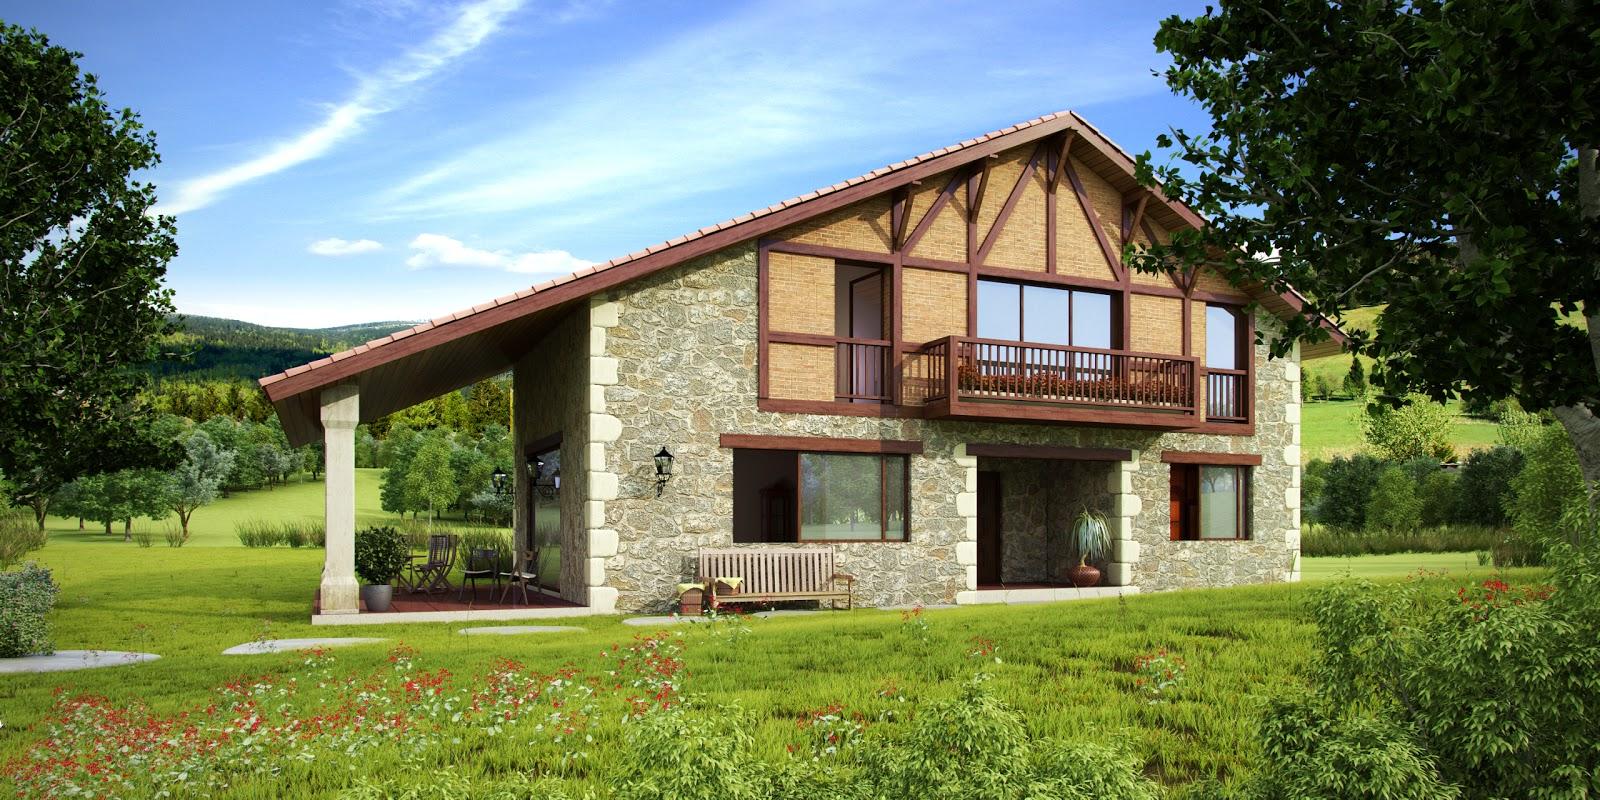 Casas rusticas - Fotos de casas rusticas ...